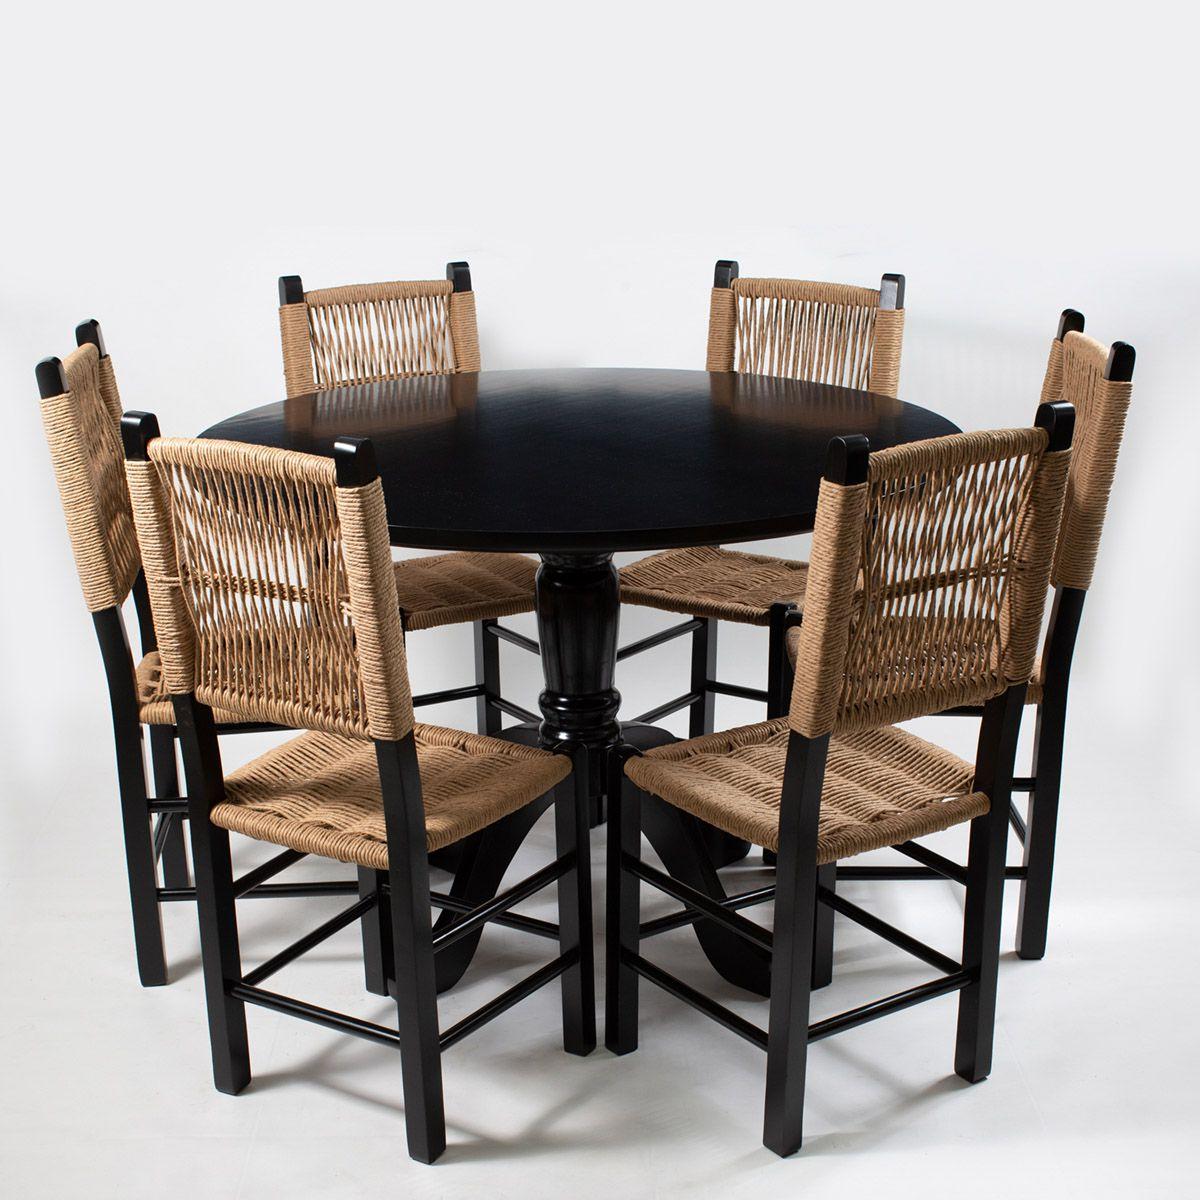 Jogo Mesa redonda com 6 Cadeiras Rusticas para Cozinha